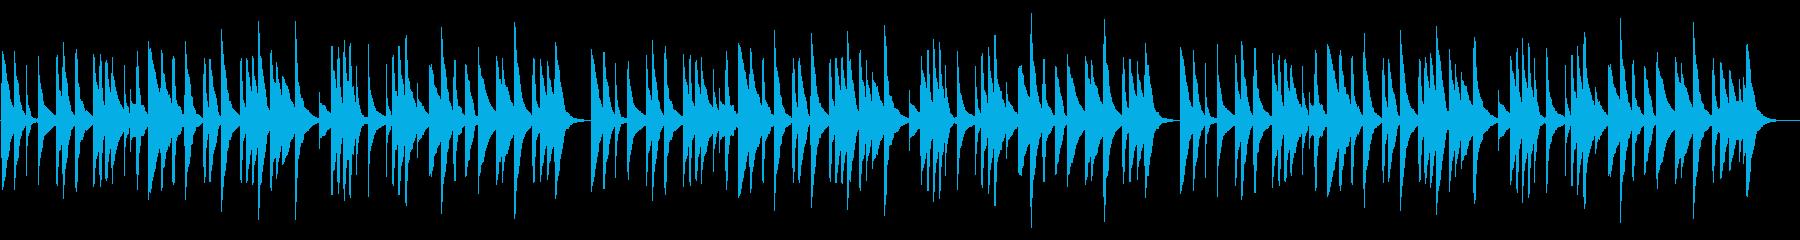 冬景色 18弁オルゴールの再生済みの波形